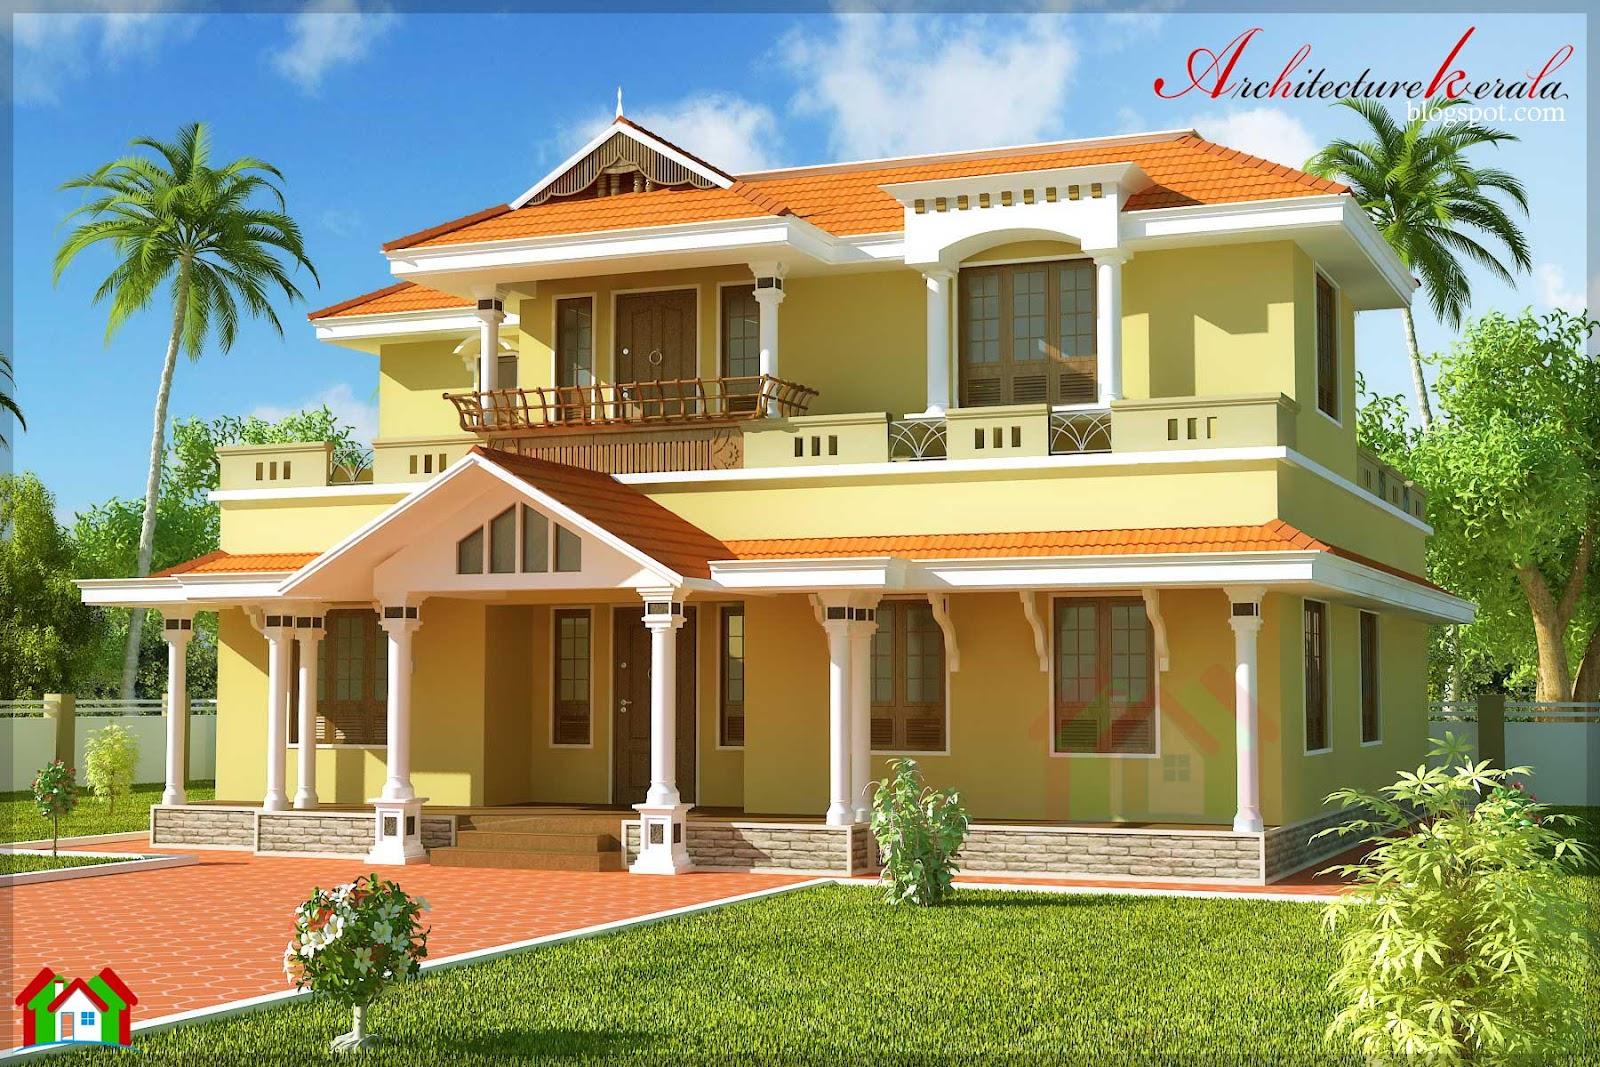 http://4.bp.blogspot.com/-wZTeNdHJGN4/UAoRfRu1zKI/AAAAAAAABM8/11mUE4C9OMU/s1600/architecturekerala.blogspot.com%20%23%2083.jpg